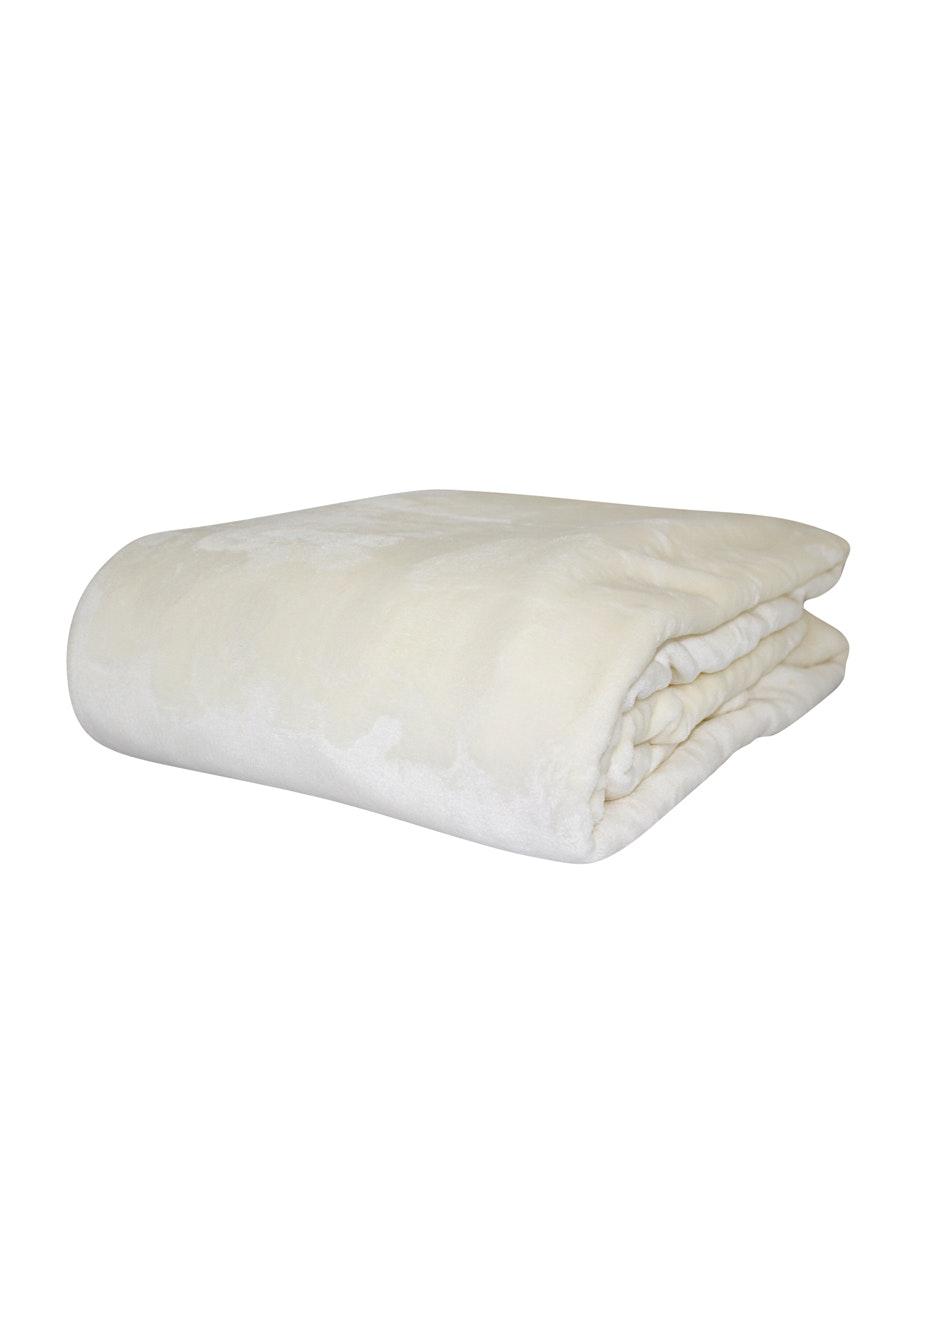 Super Soft Blanket - Champagne - Single Bed